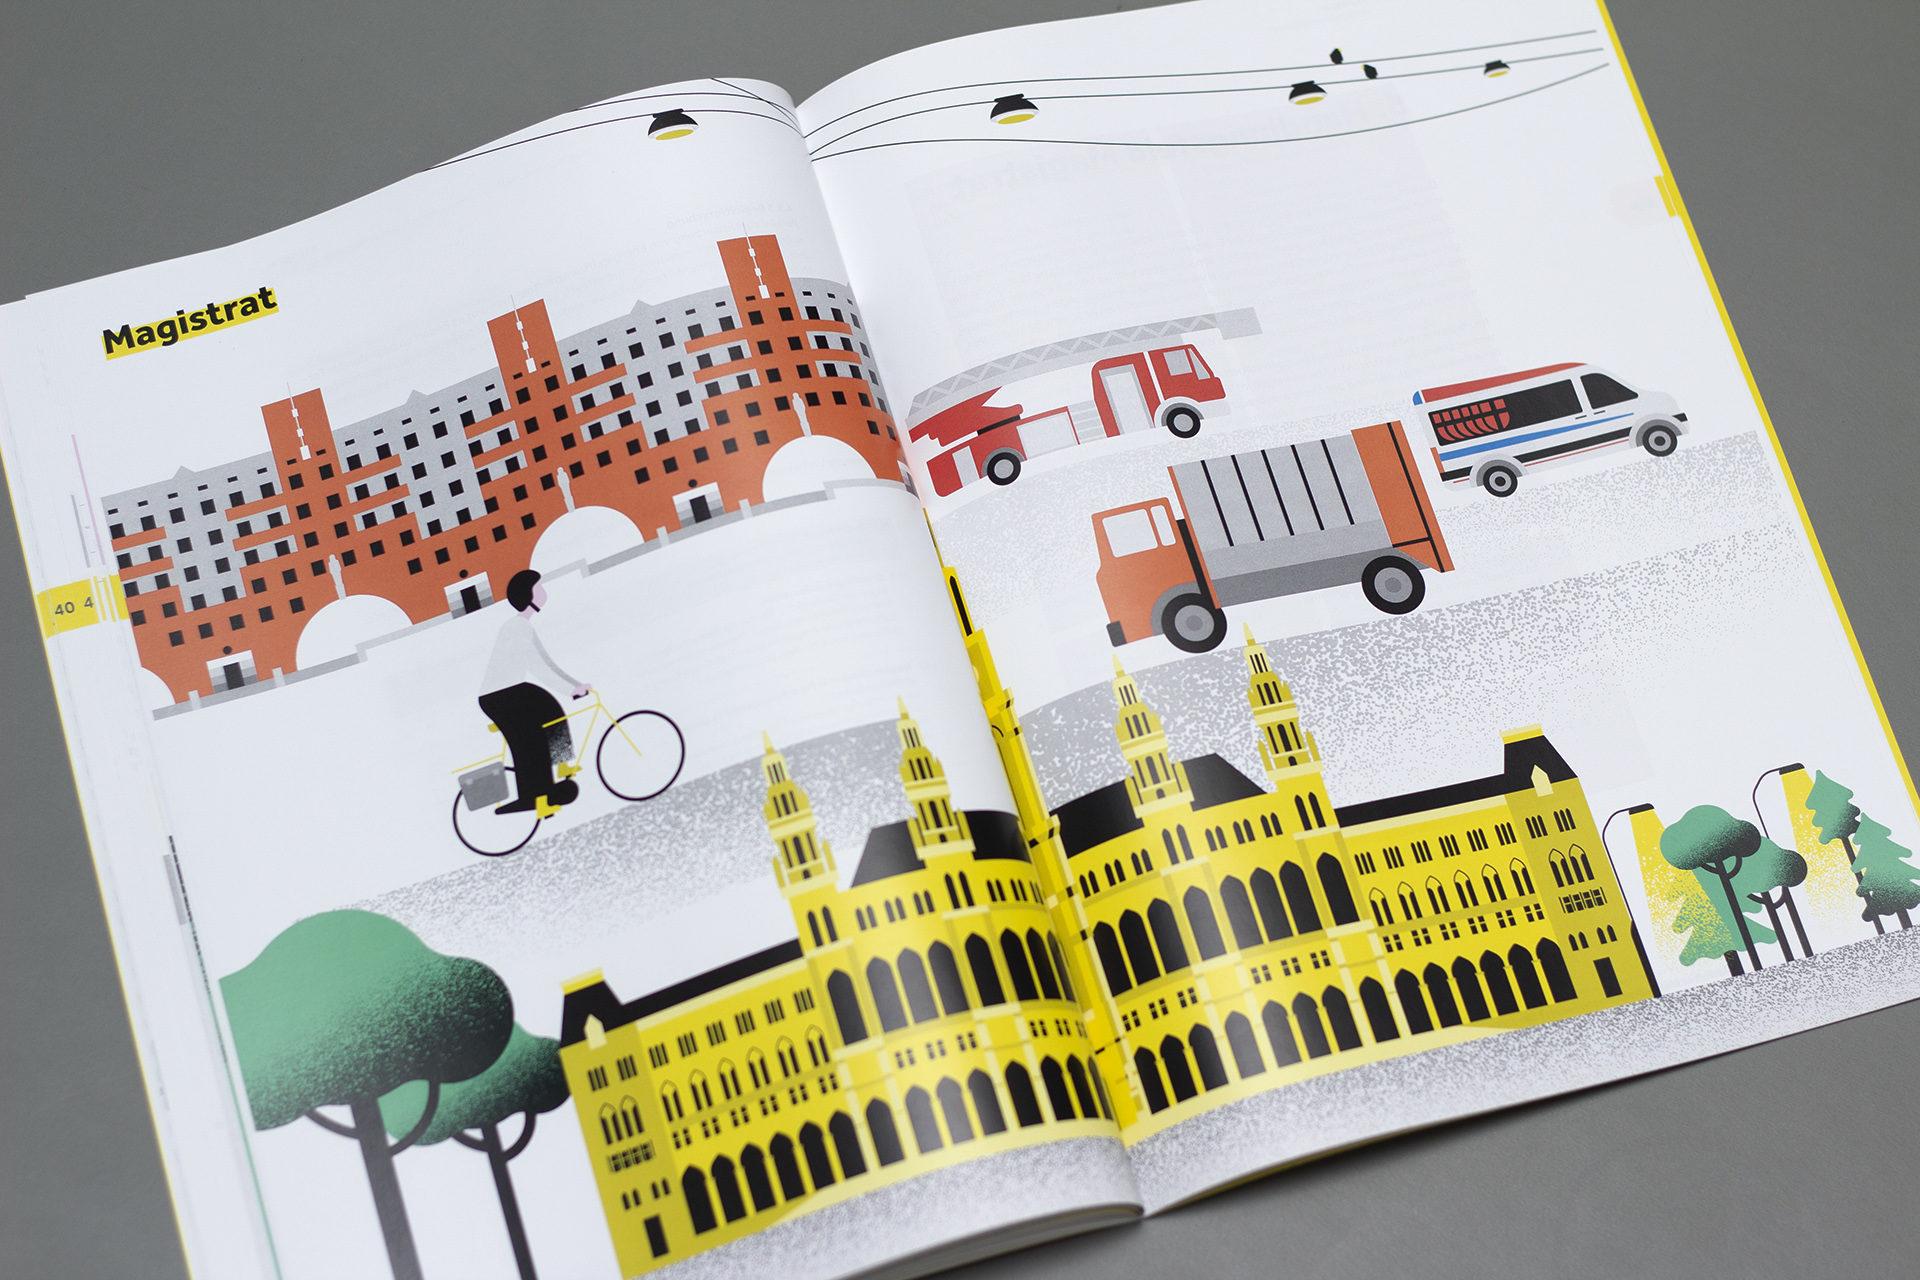 Illustrationen im Energiebericht der Stadt Wien, aufgeschlagene Seite mit Zeichnung von Rathaus, Radfahrerin, Wohnungsbau, Rettung, Feuerwehr und Müllabfuhr